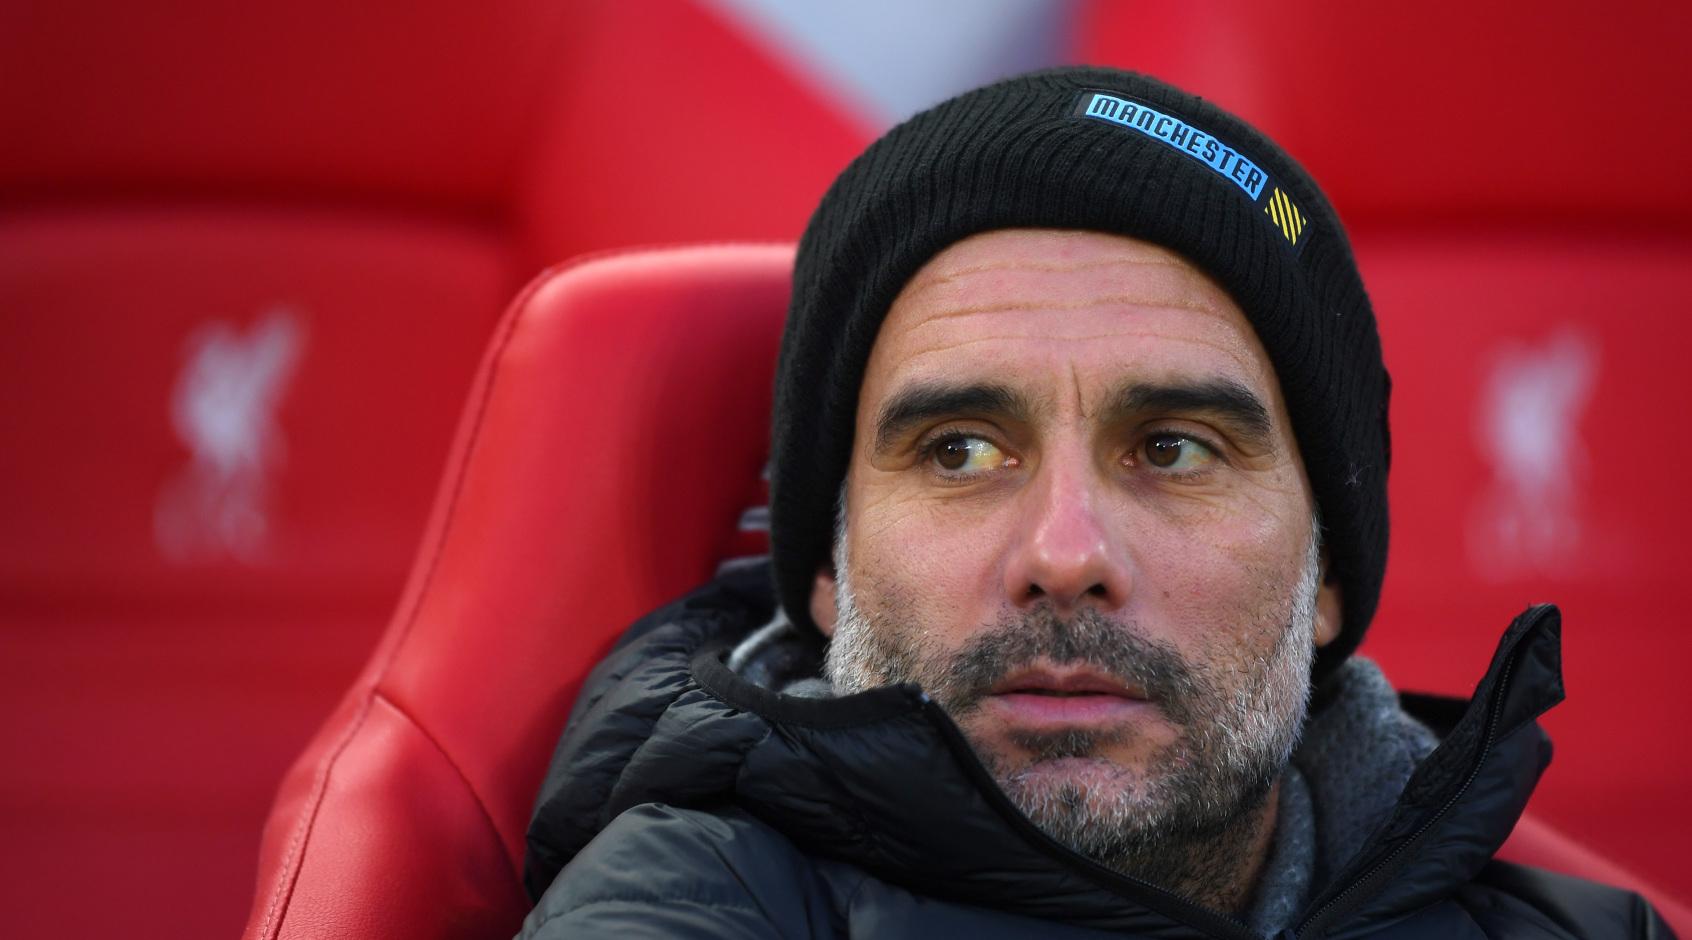 """Гвардиола написал письмо каждому из 114 фанатов, поддержавших """"Манчестер Сити"""" в Украине"""